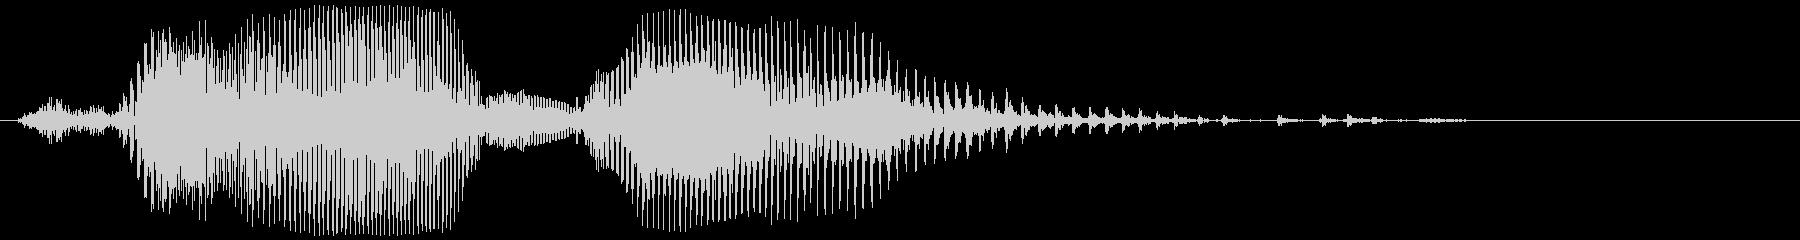 米人 DrawGame(ドローゲーム)の未再生の波形